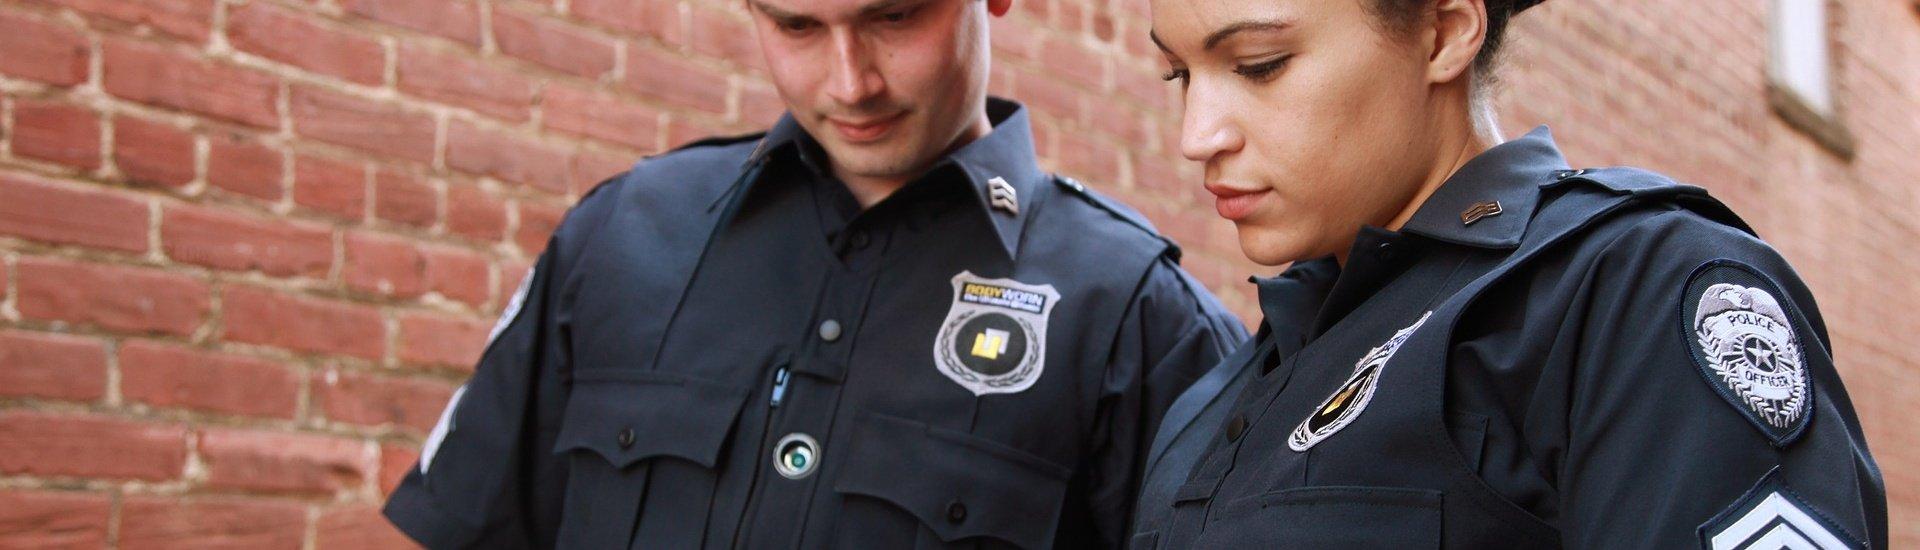 Spotkanie z policjantem dla dzieci